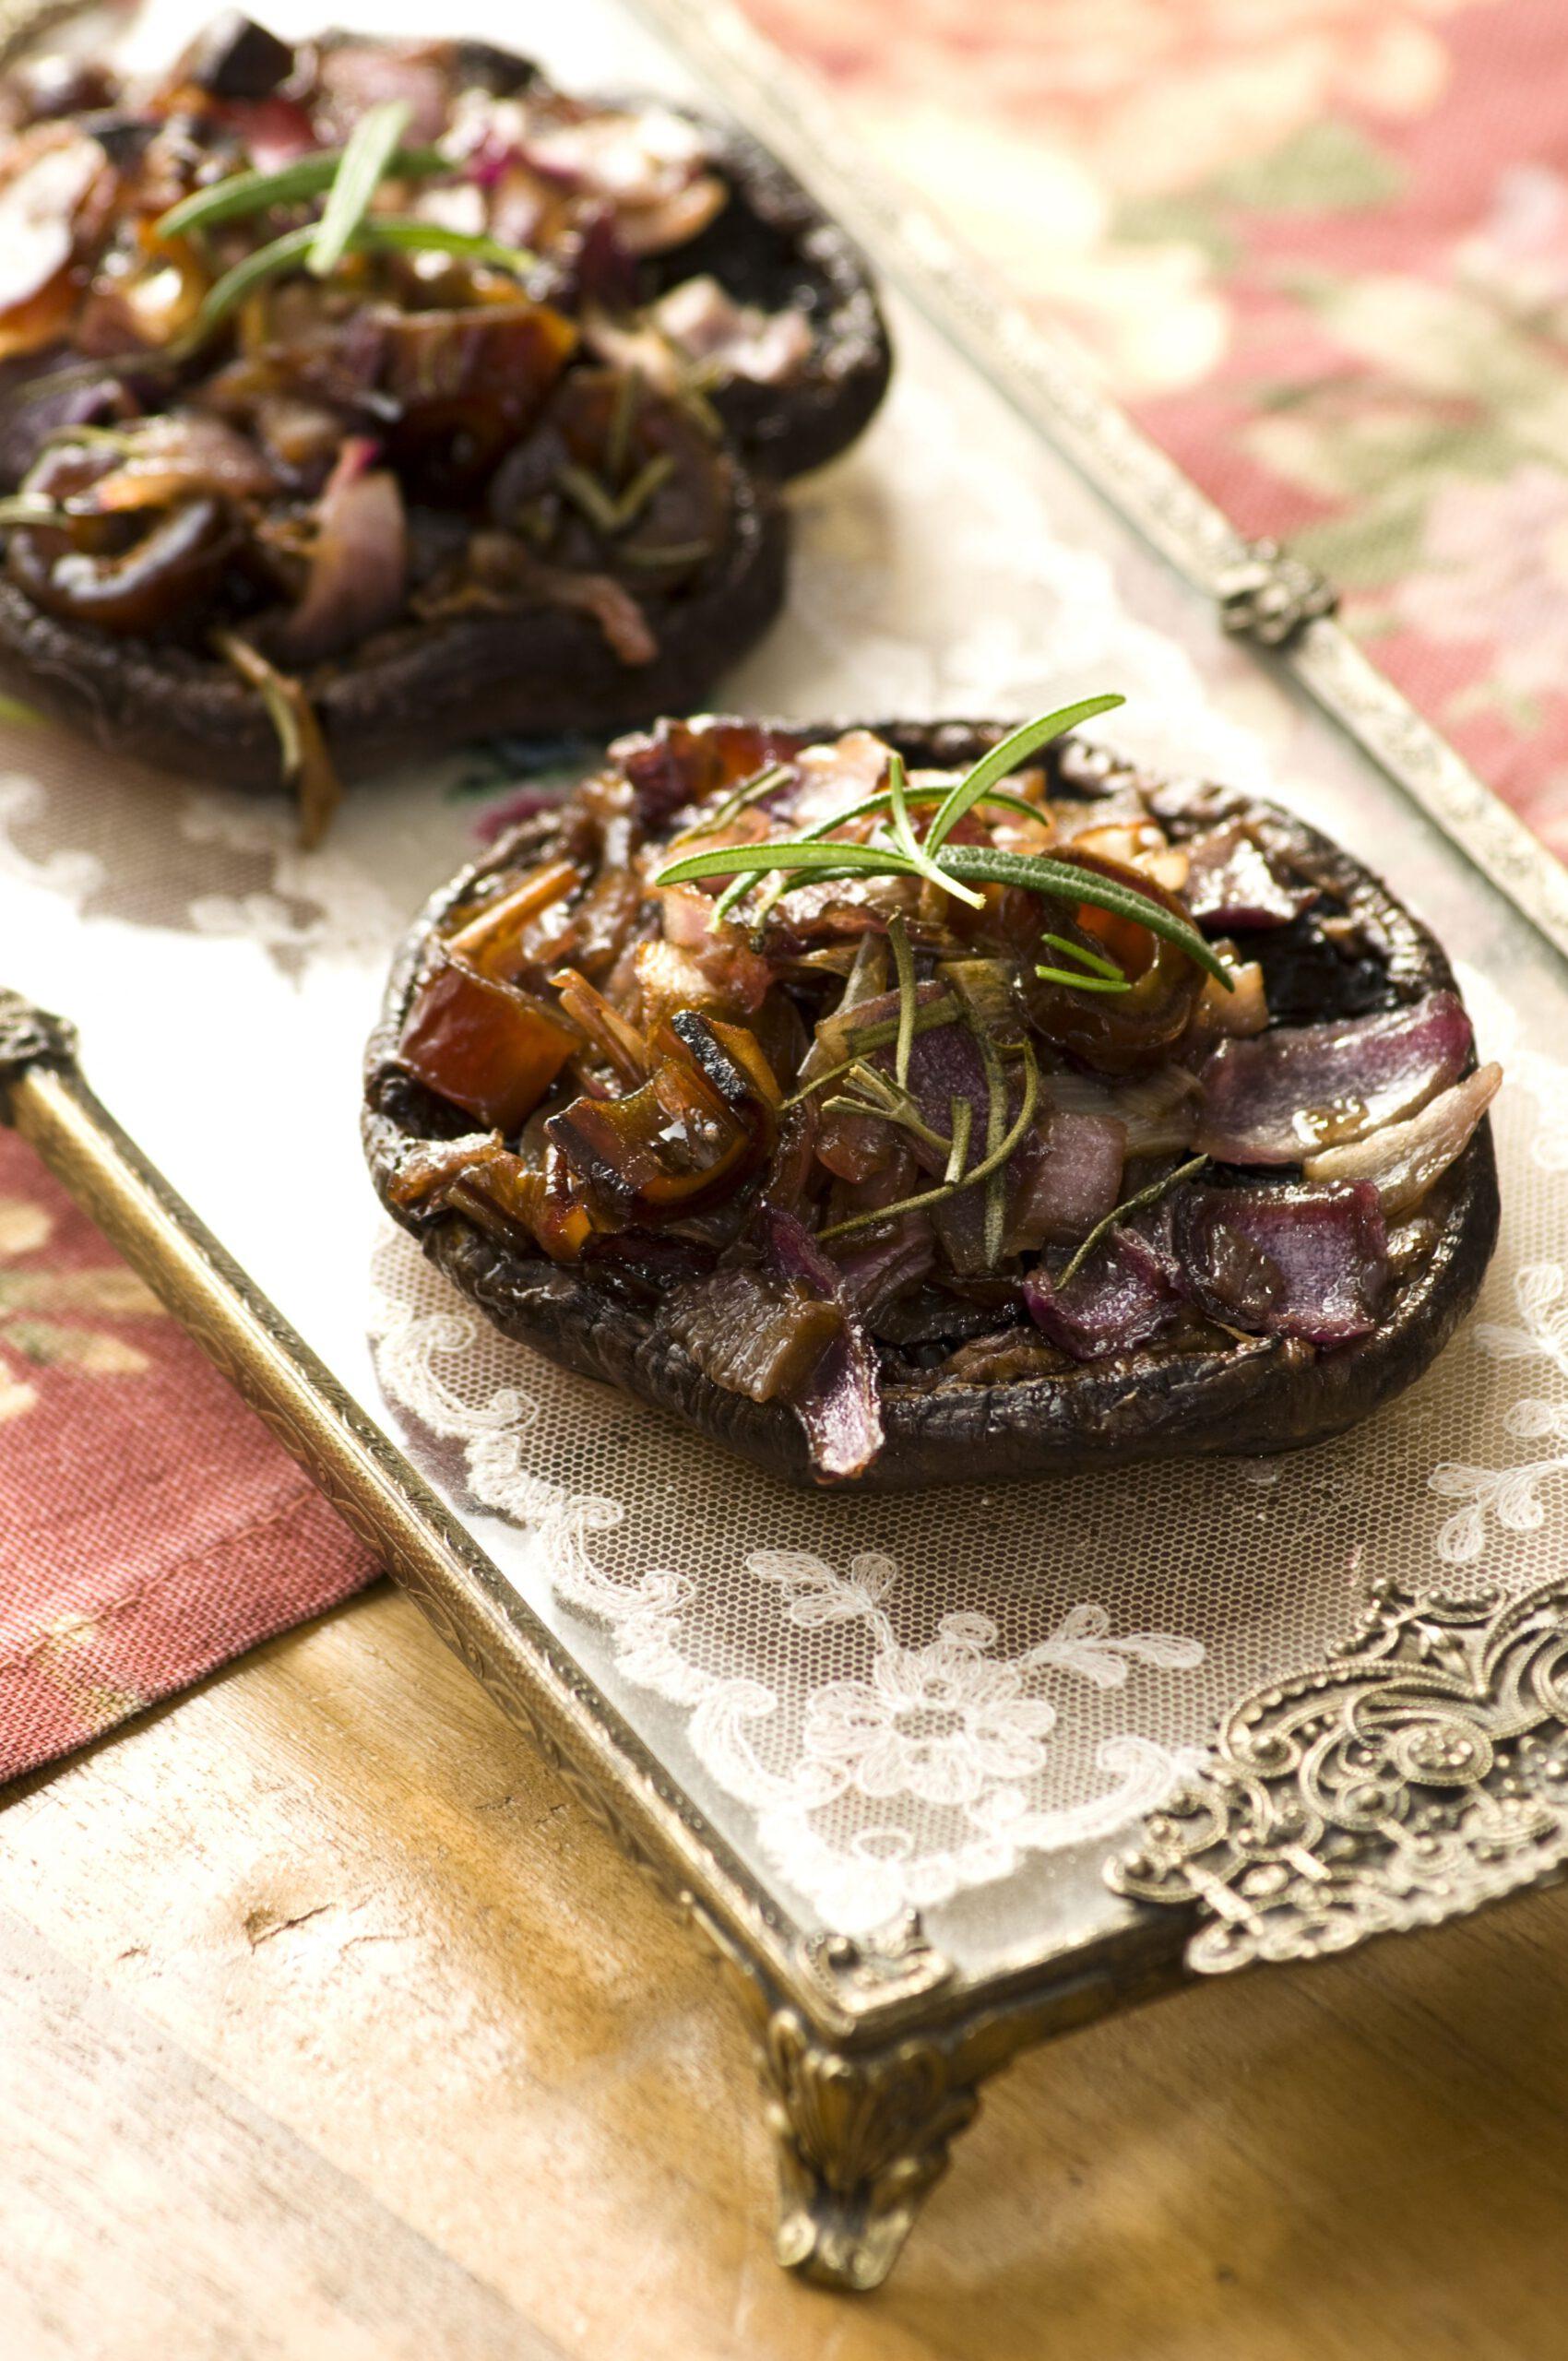 gevulde vegan portobello met rode ui en dadels